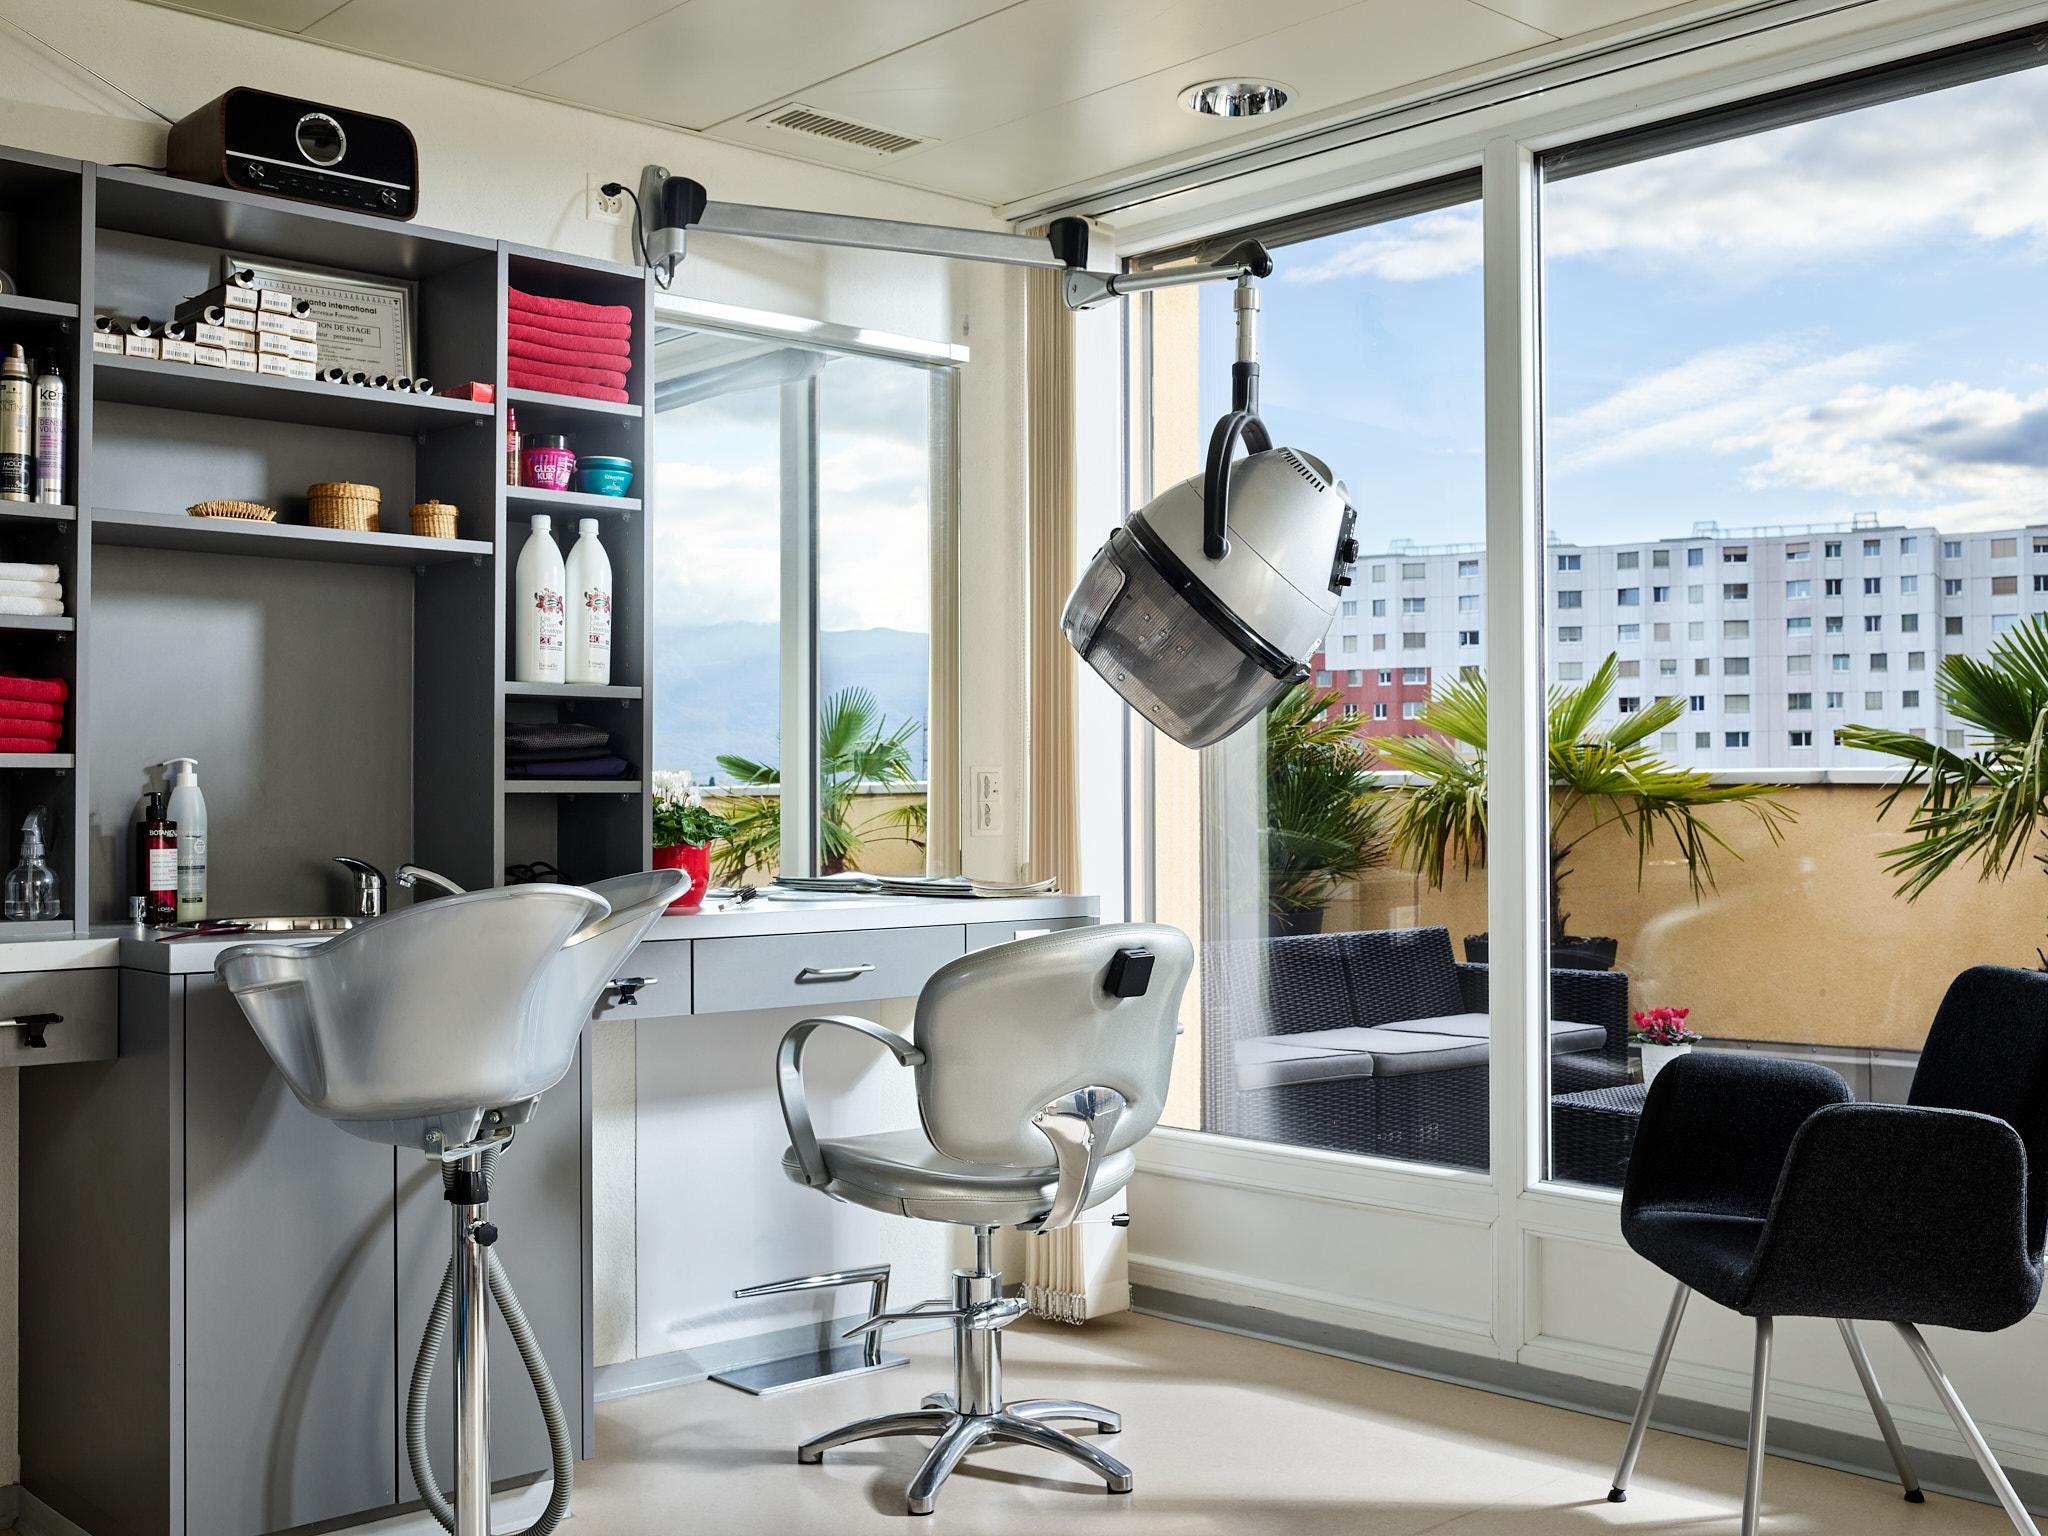 EMS Meyrin - Résidence Pierre de la fée - Salon de coiffure